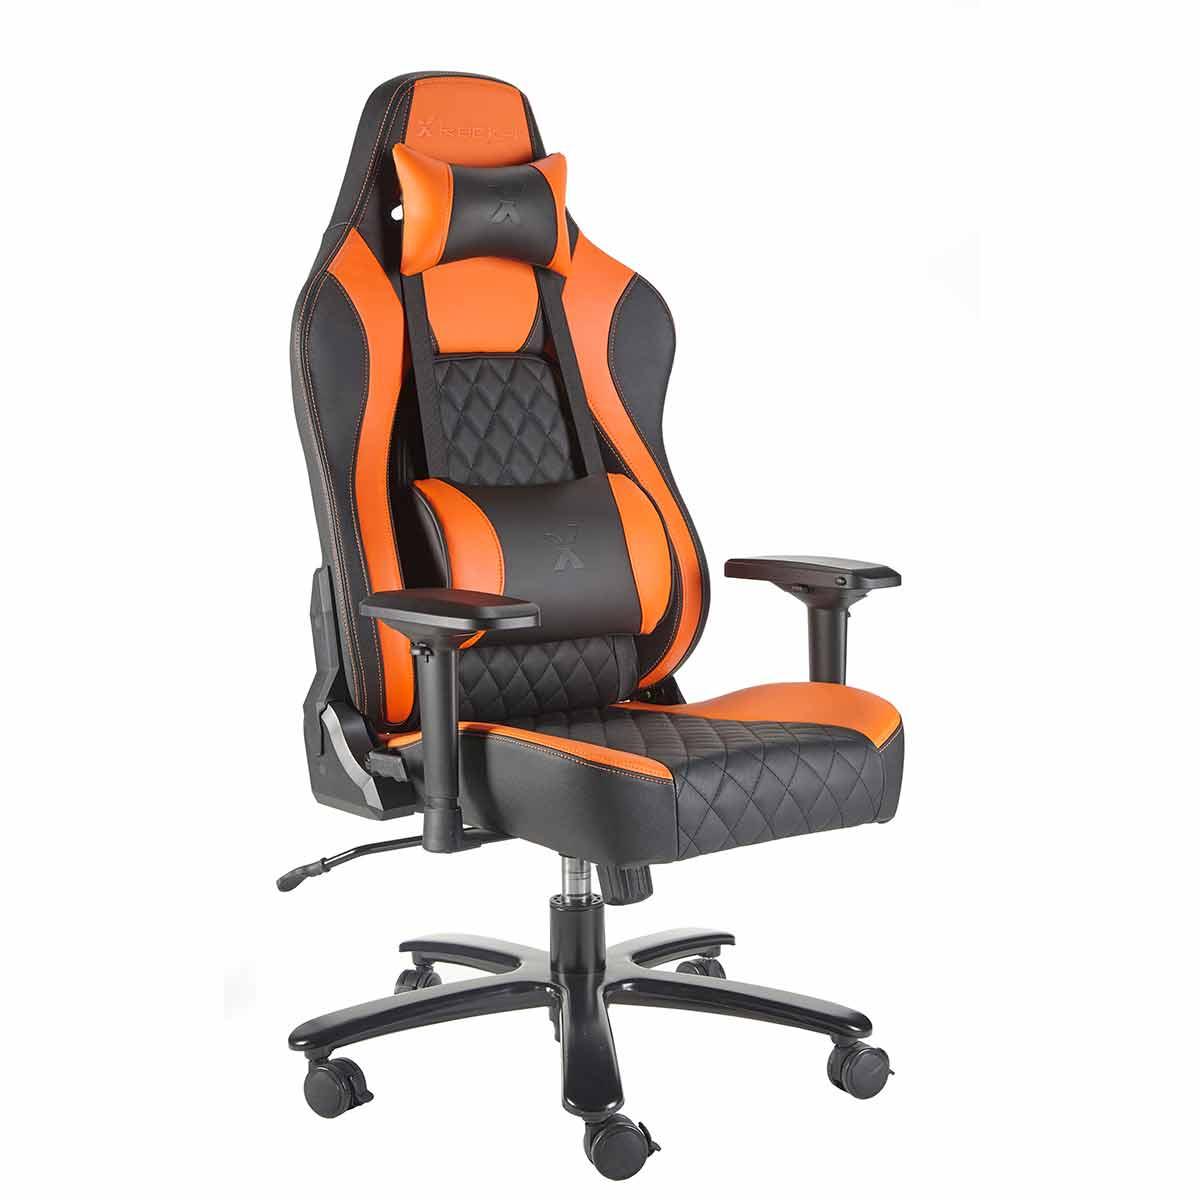 X Rocker Delta XL Office Chair, Orange